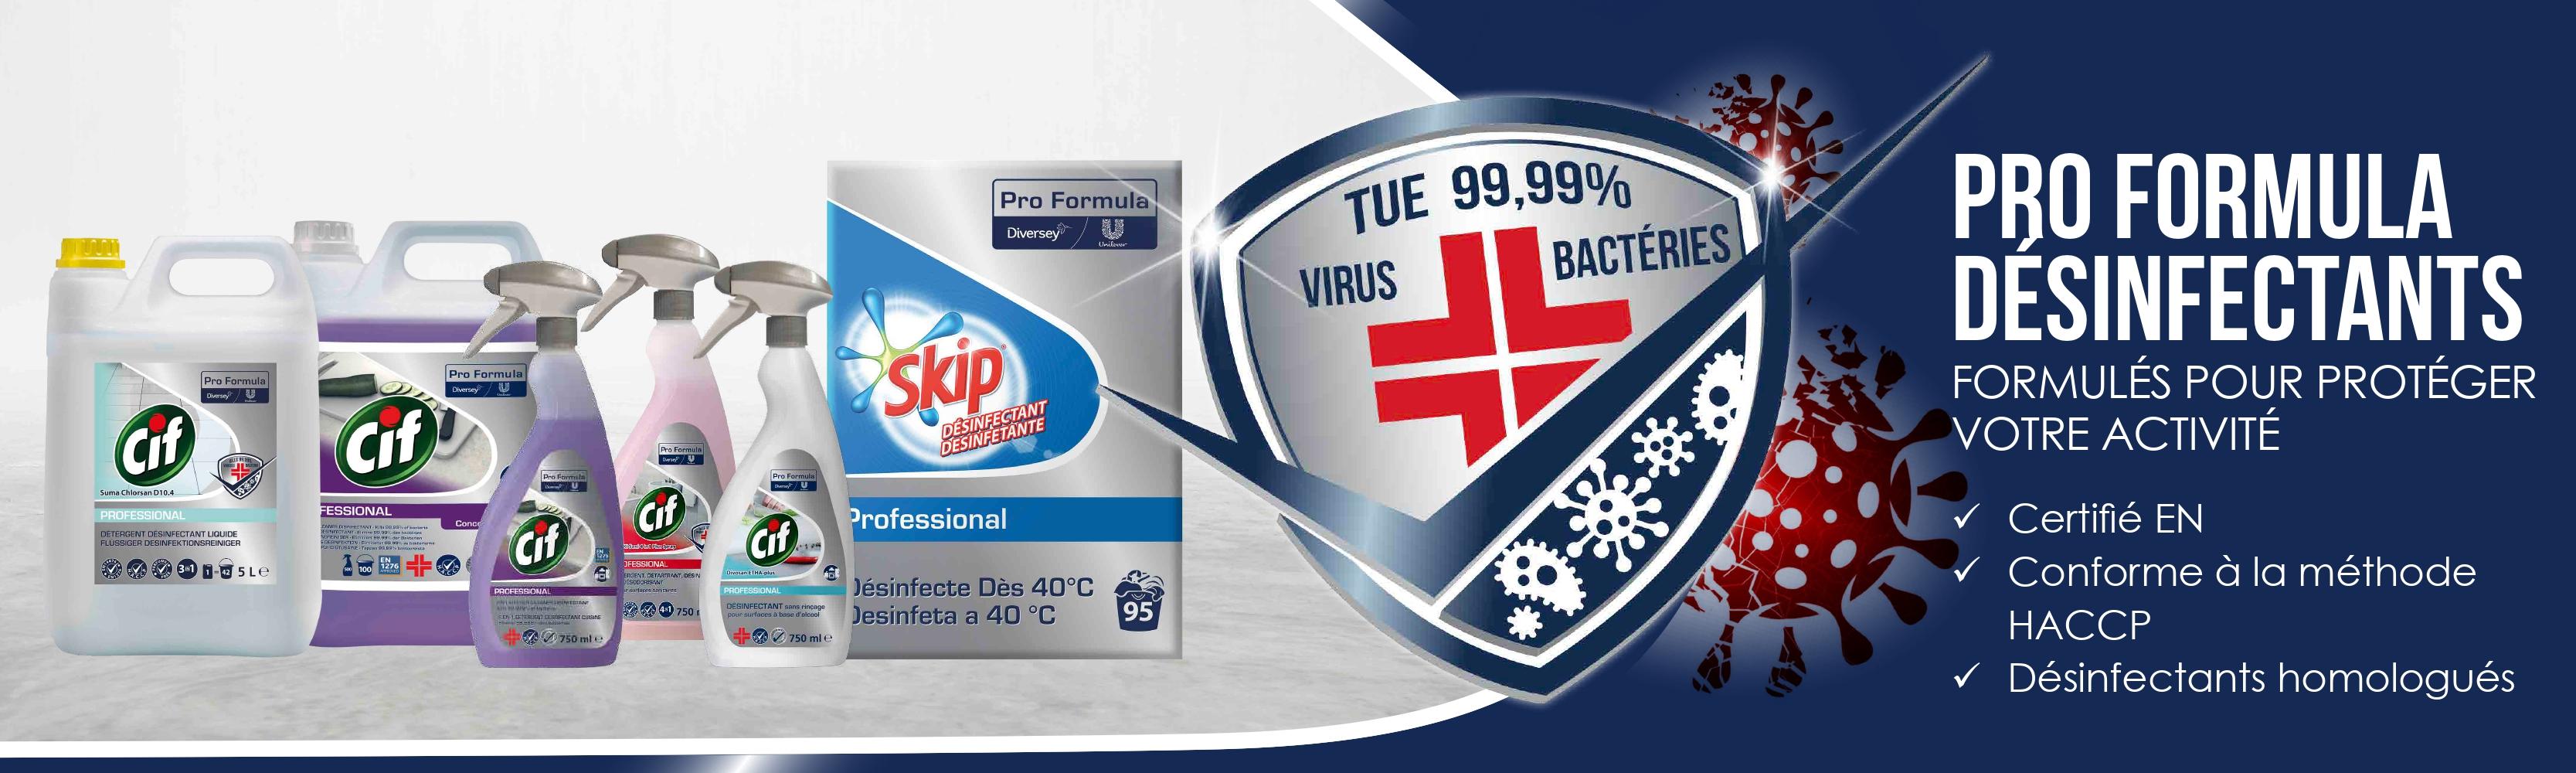 banniere web produits desinfection pro formula